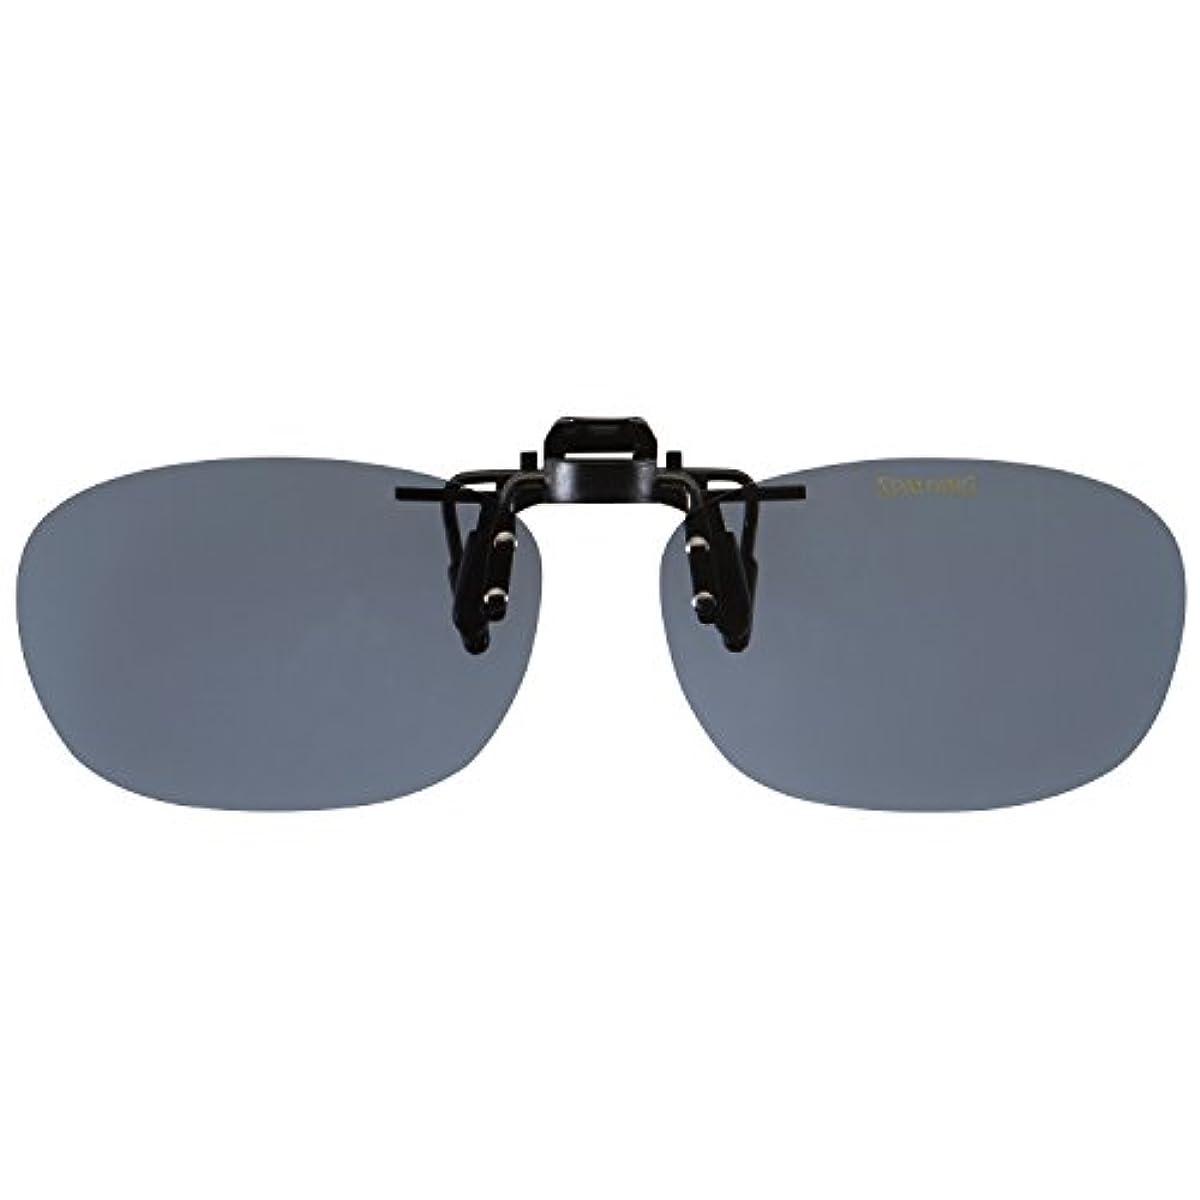 [해외] SPALDING(스팔딩) 편광 썬글라스 클립 온 안경의 위로부터 붙일 수 있 CP-9